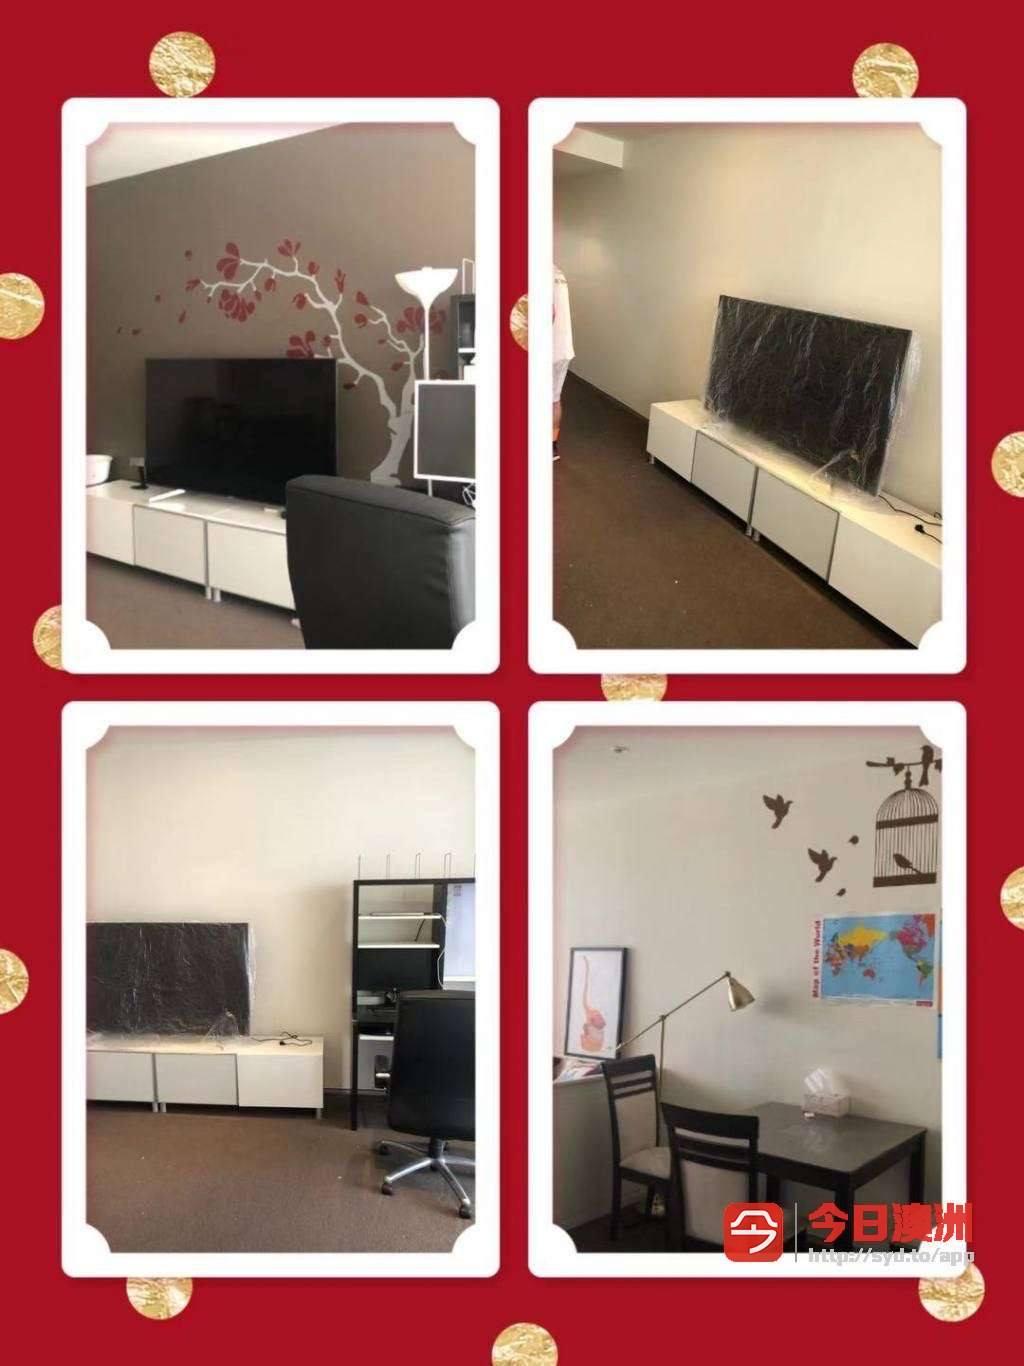 专业油漆 地毯修高压清洗 墙面修复  退租日常清洁 垃圾处理